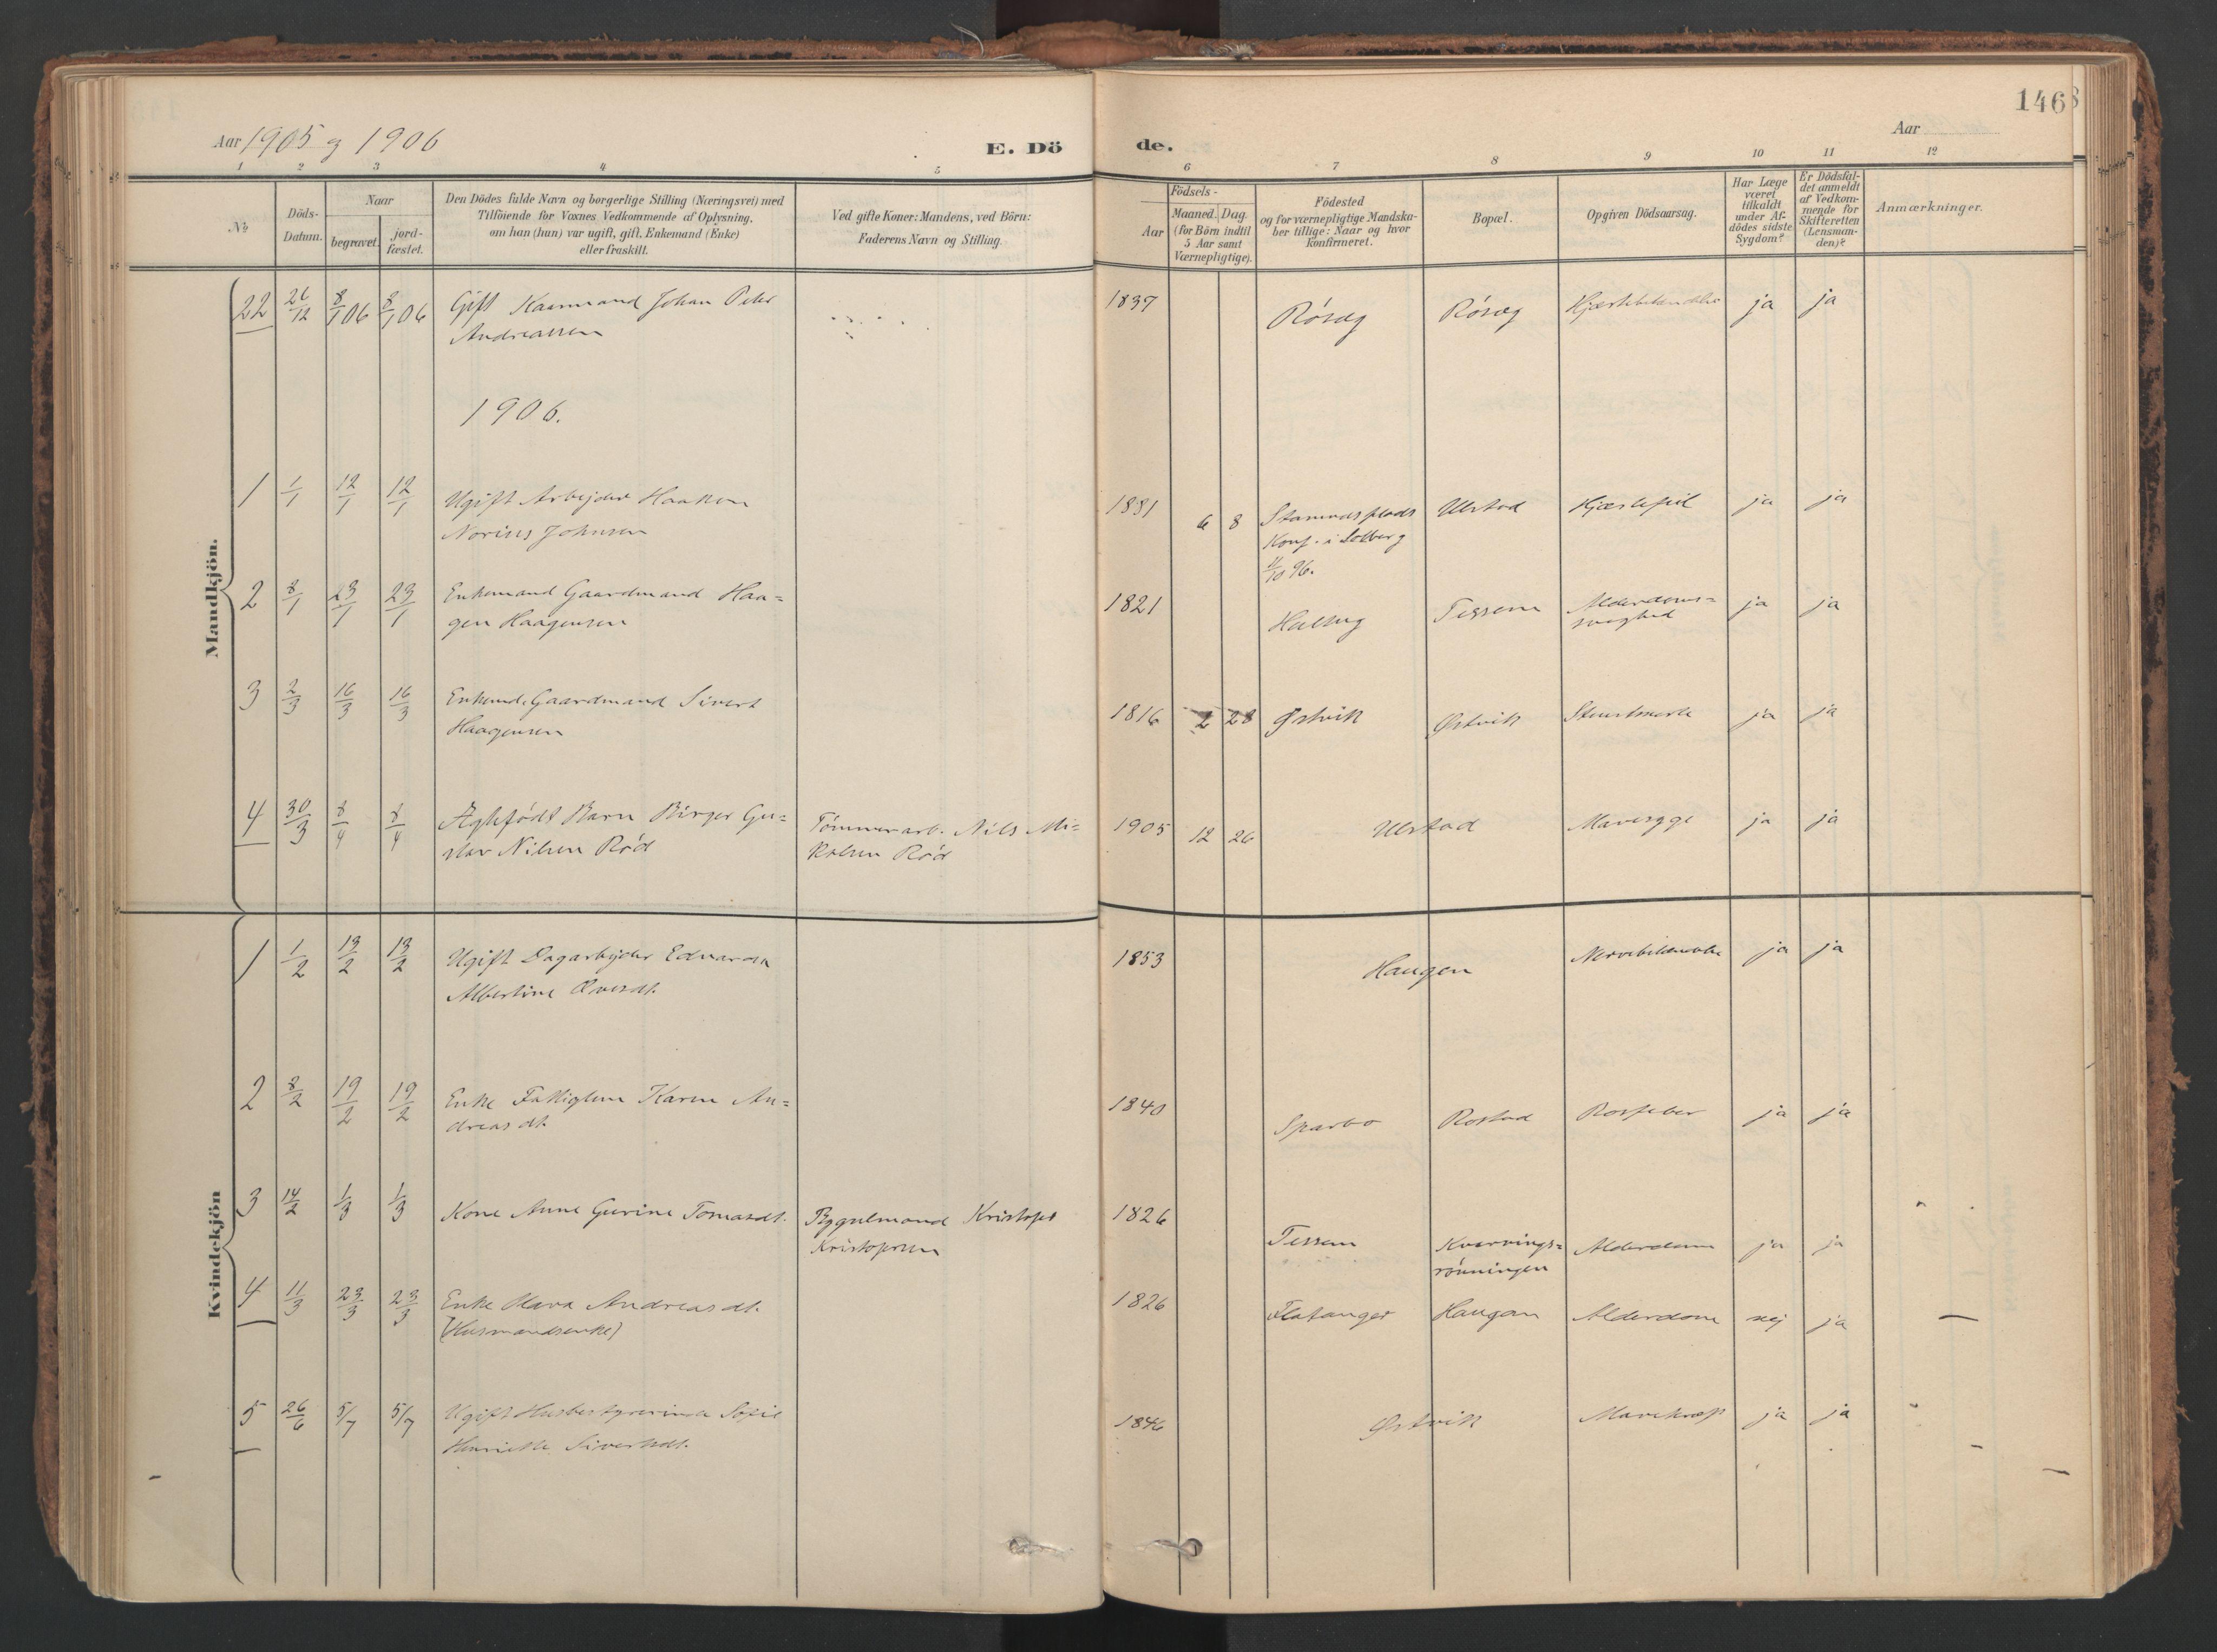 SAT, Ministerialprotokoller, klokkerbøker og fødselsregistre - Nord-Trøndelag, 741/L0397: Ministerialbok nr. 741A11, 1901-1911, s. 146